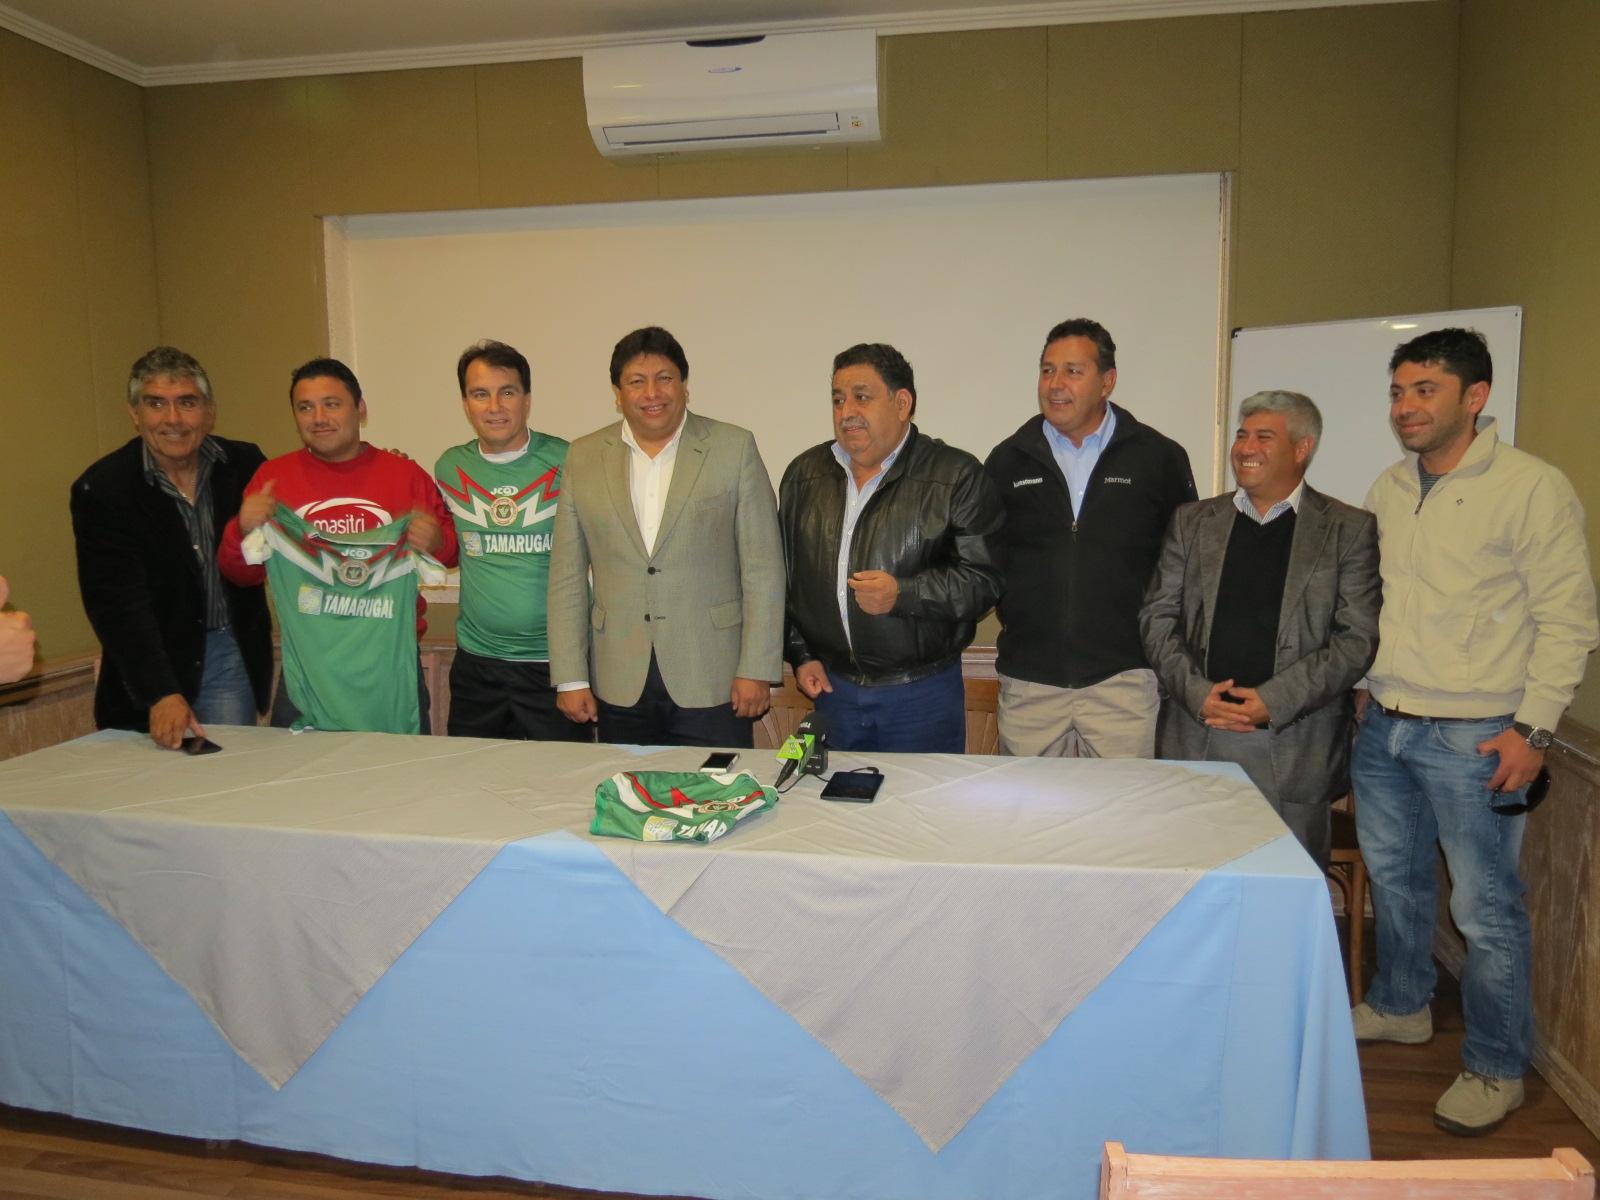 El 1 de junio comienza el trabajo del nuevo cuerpo técnico de Deportes Vallenar